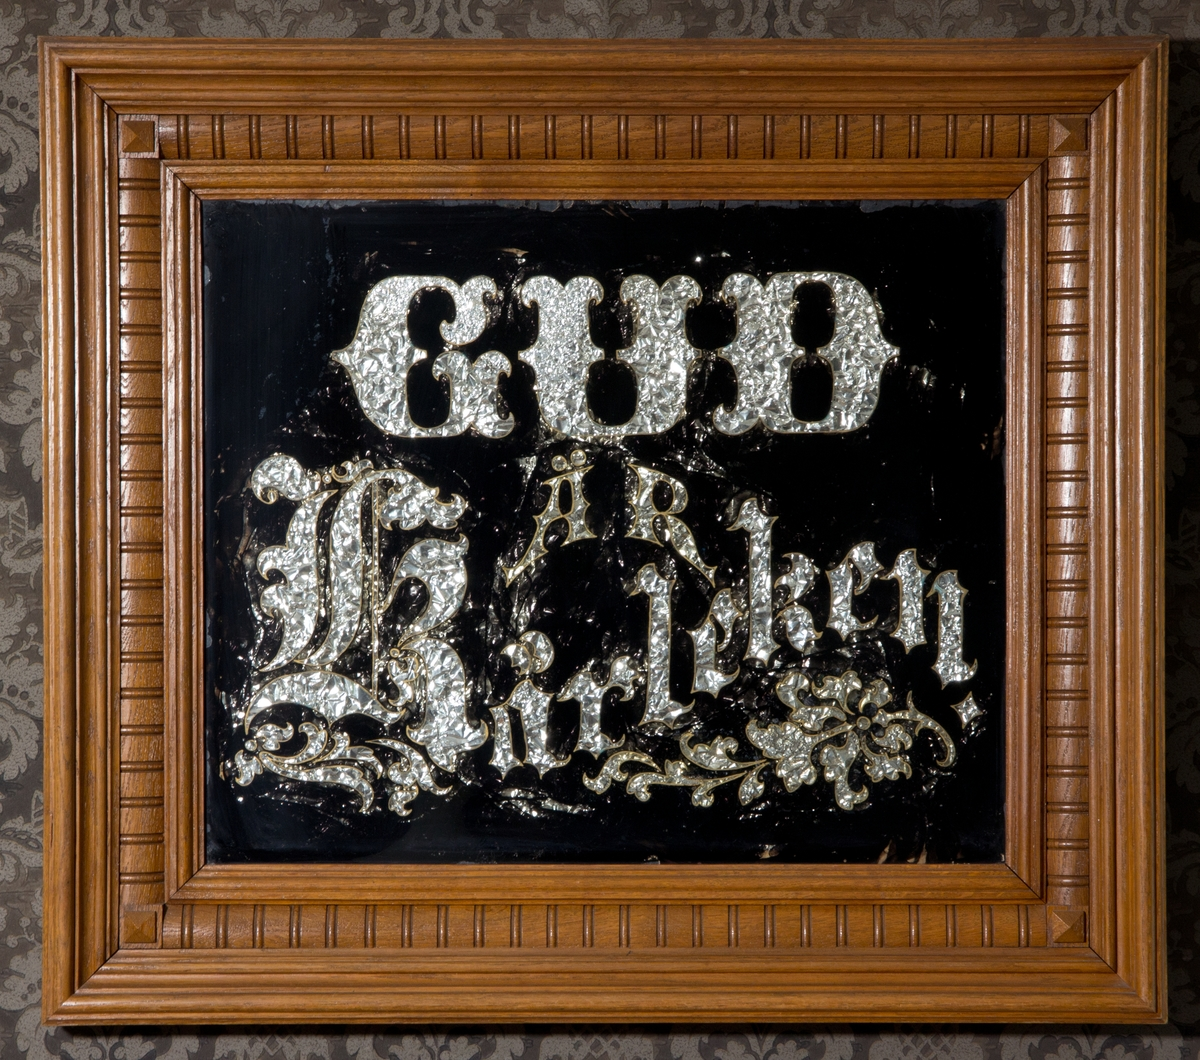 Tavla med religiös text. Svartmålat glas med utsparad text. Texten av silverfärgat papper med guldfärgad kant. Glasad. Profilerad ekram.